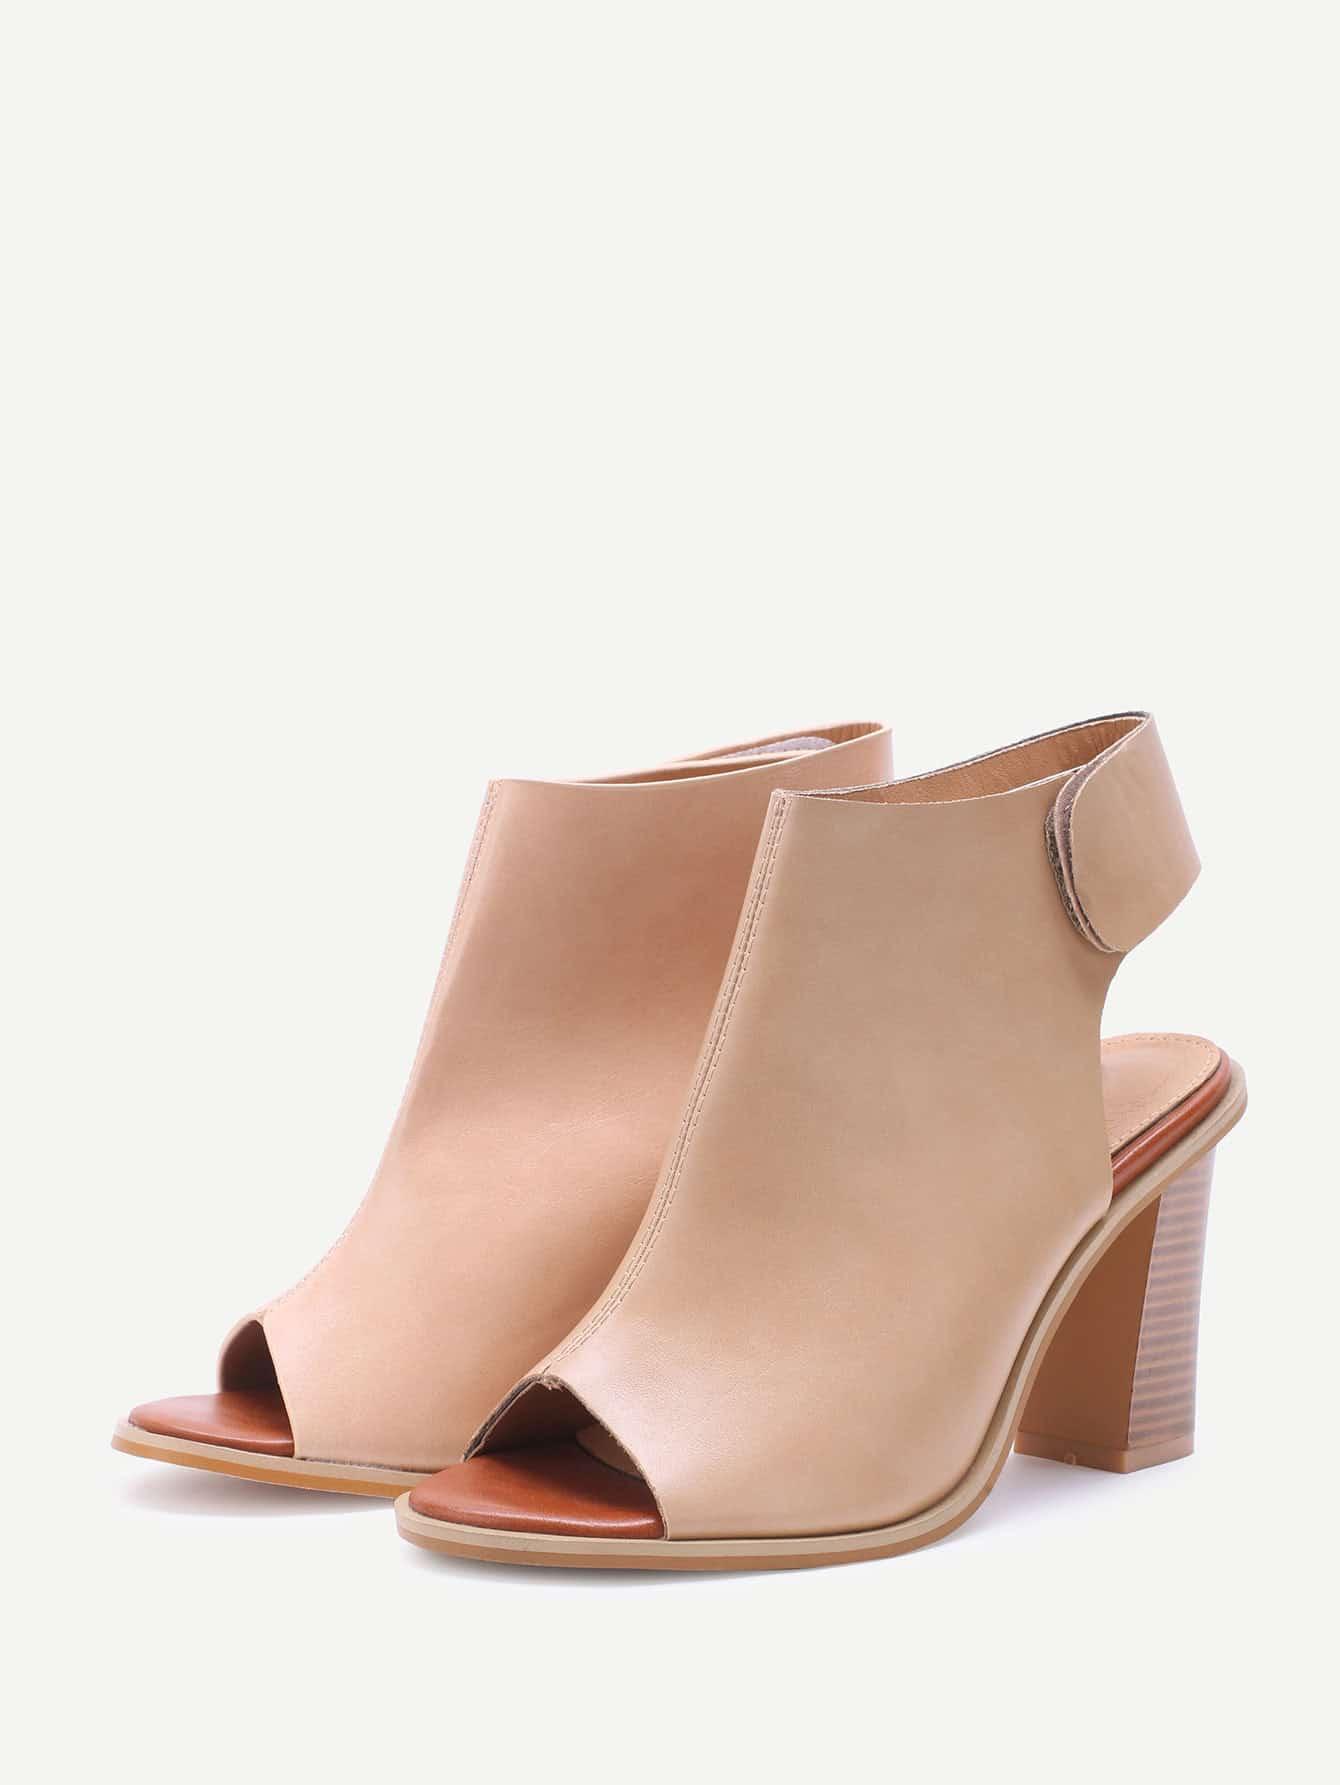 shoes170303801_2